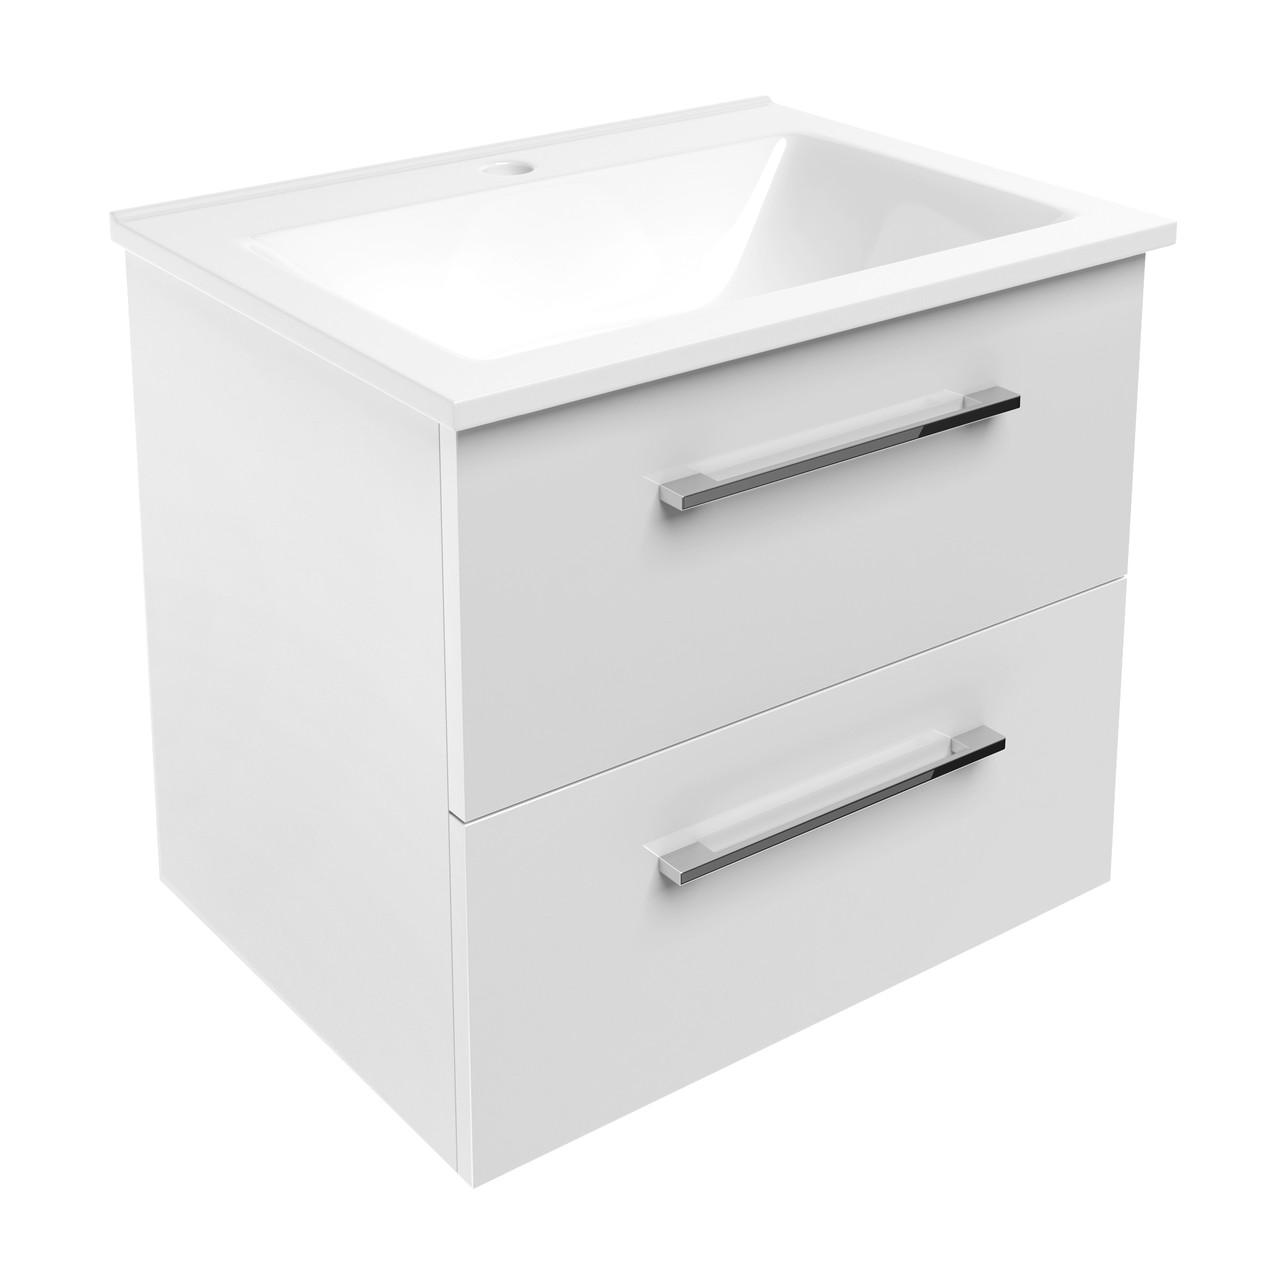 Звоните. Будет дешевле. NEMO комплект мебели 60см: тумба подвесная, 2 ящика, белая + умывальник накладной